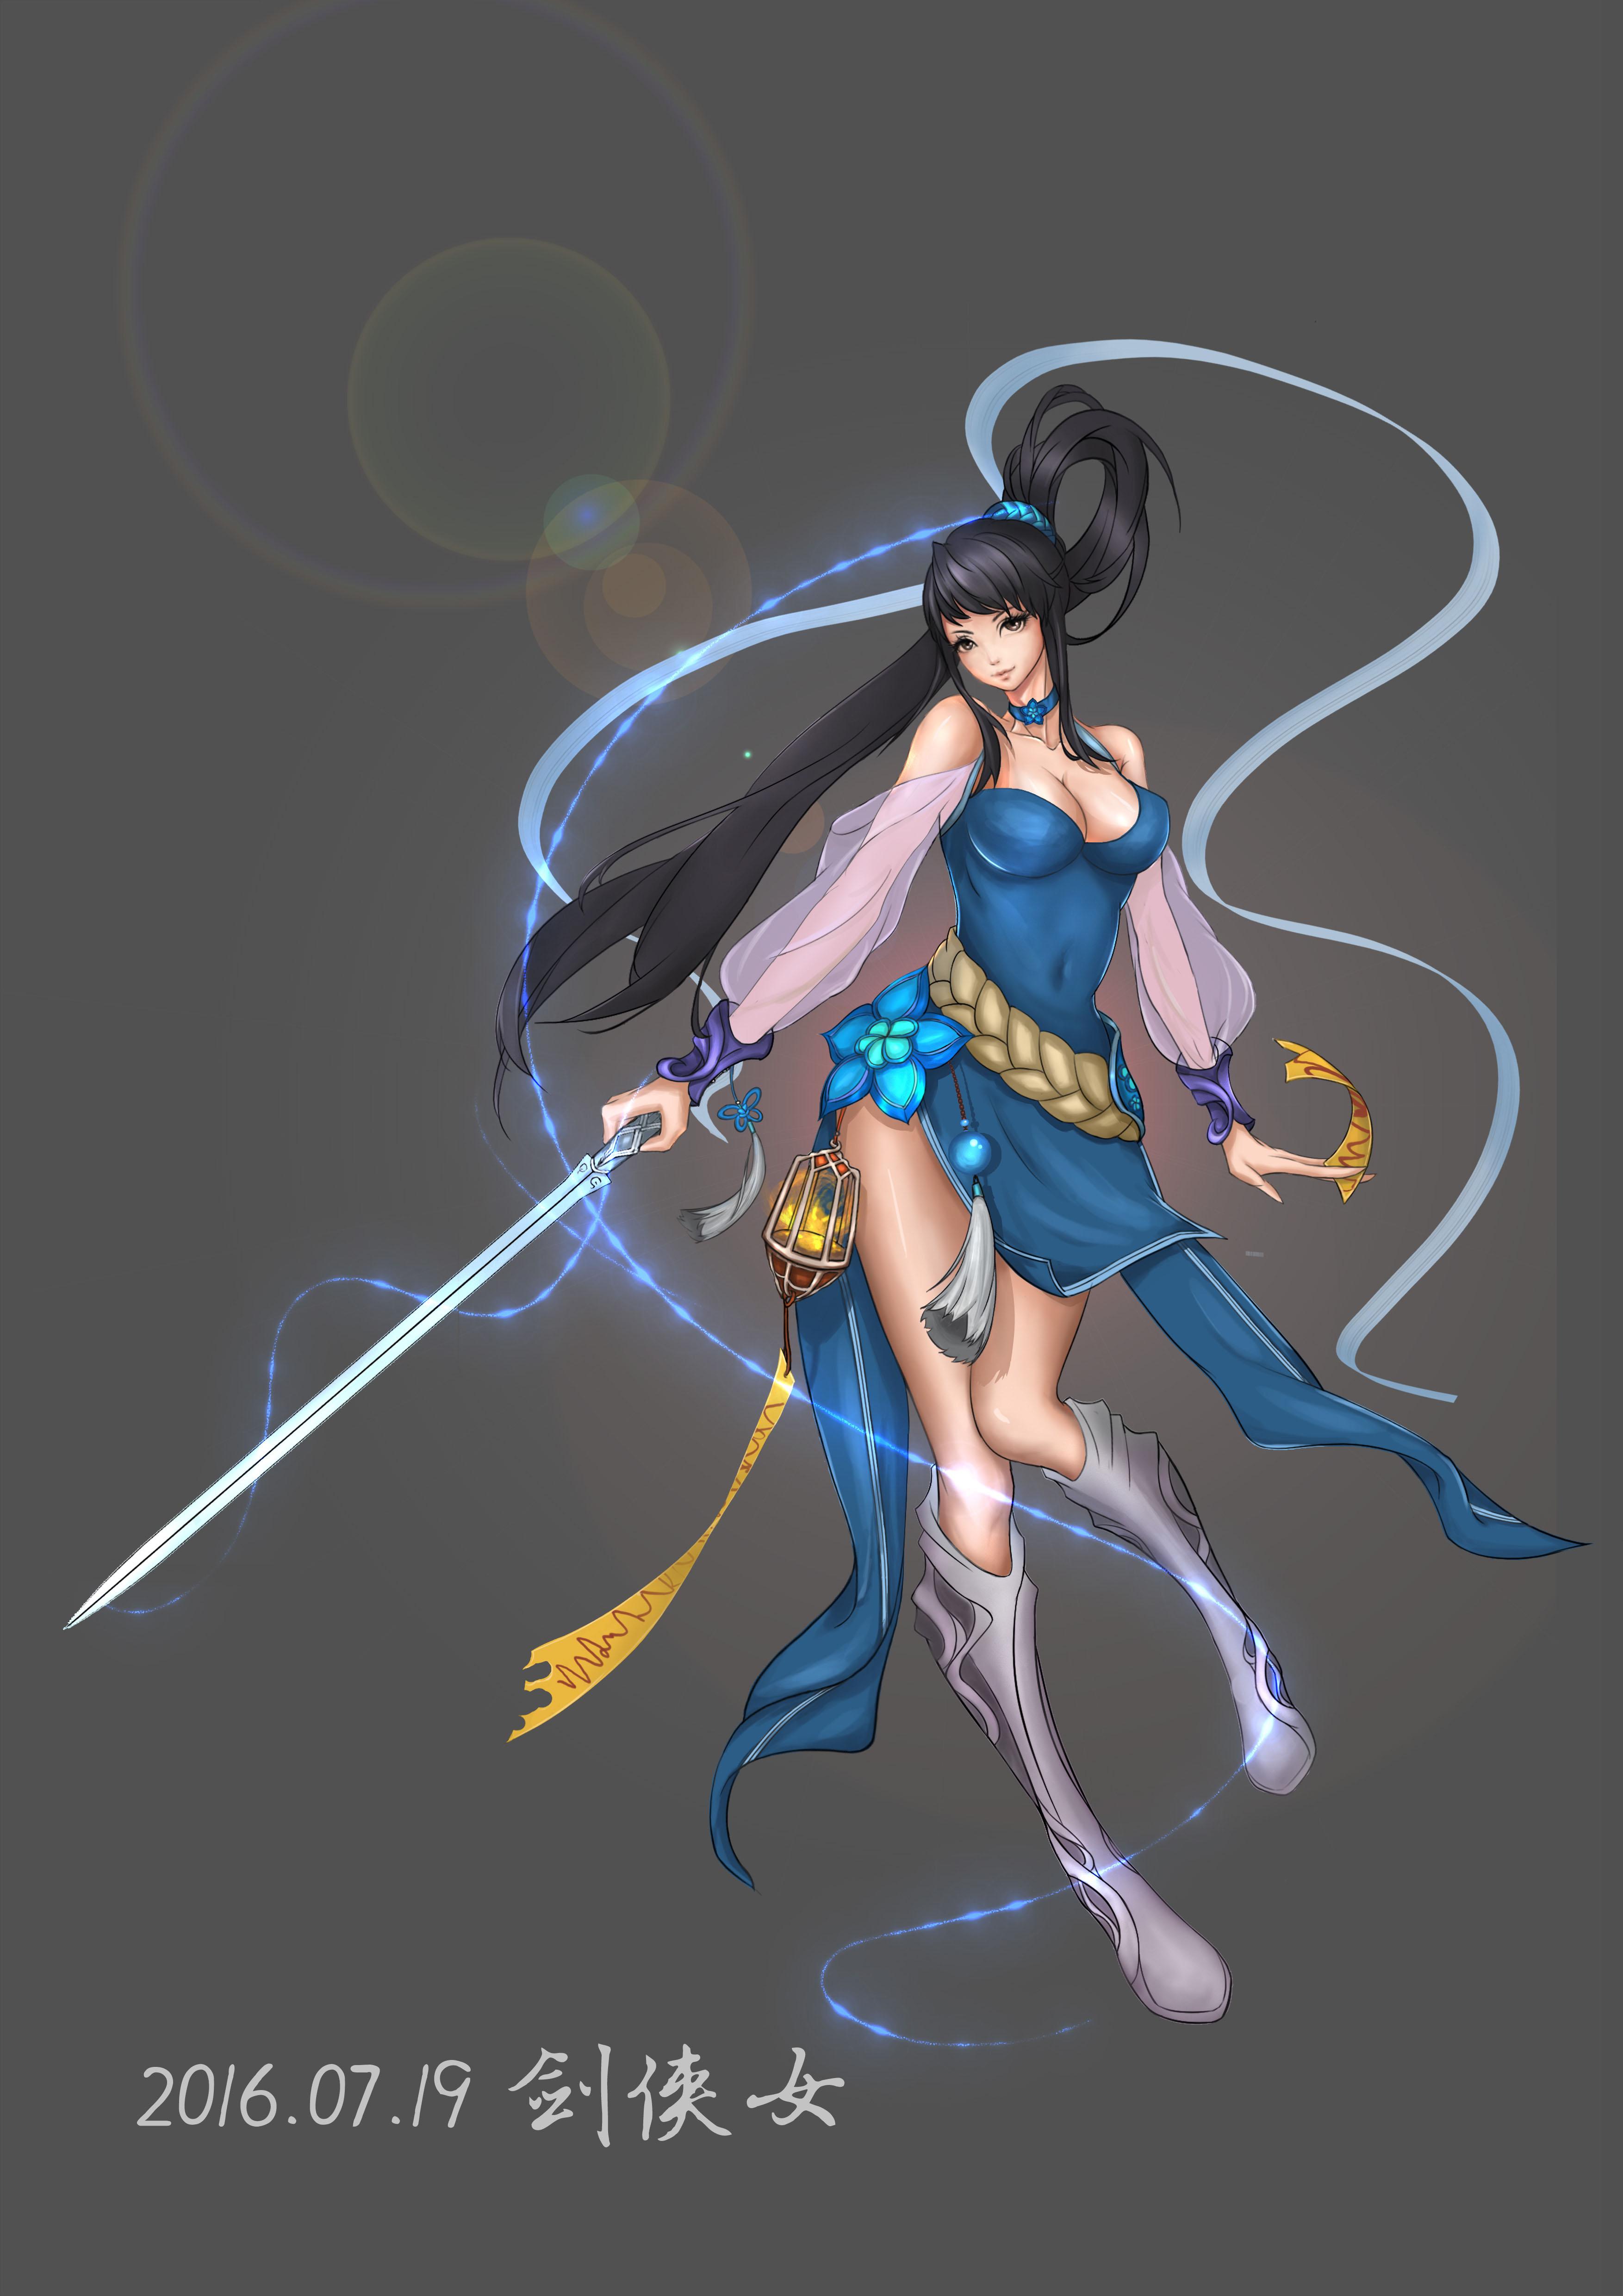 角色_设计的东方剑侠女性角色,参考《剑灵》